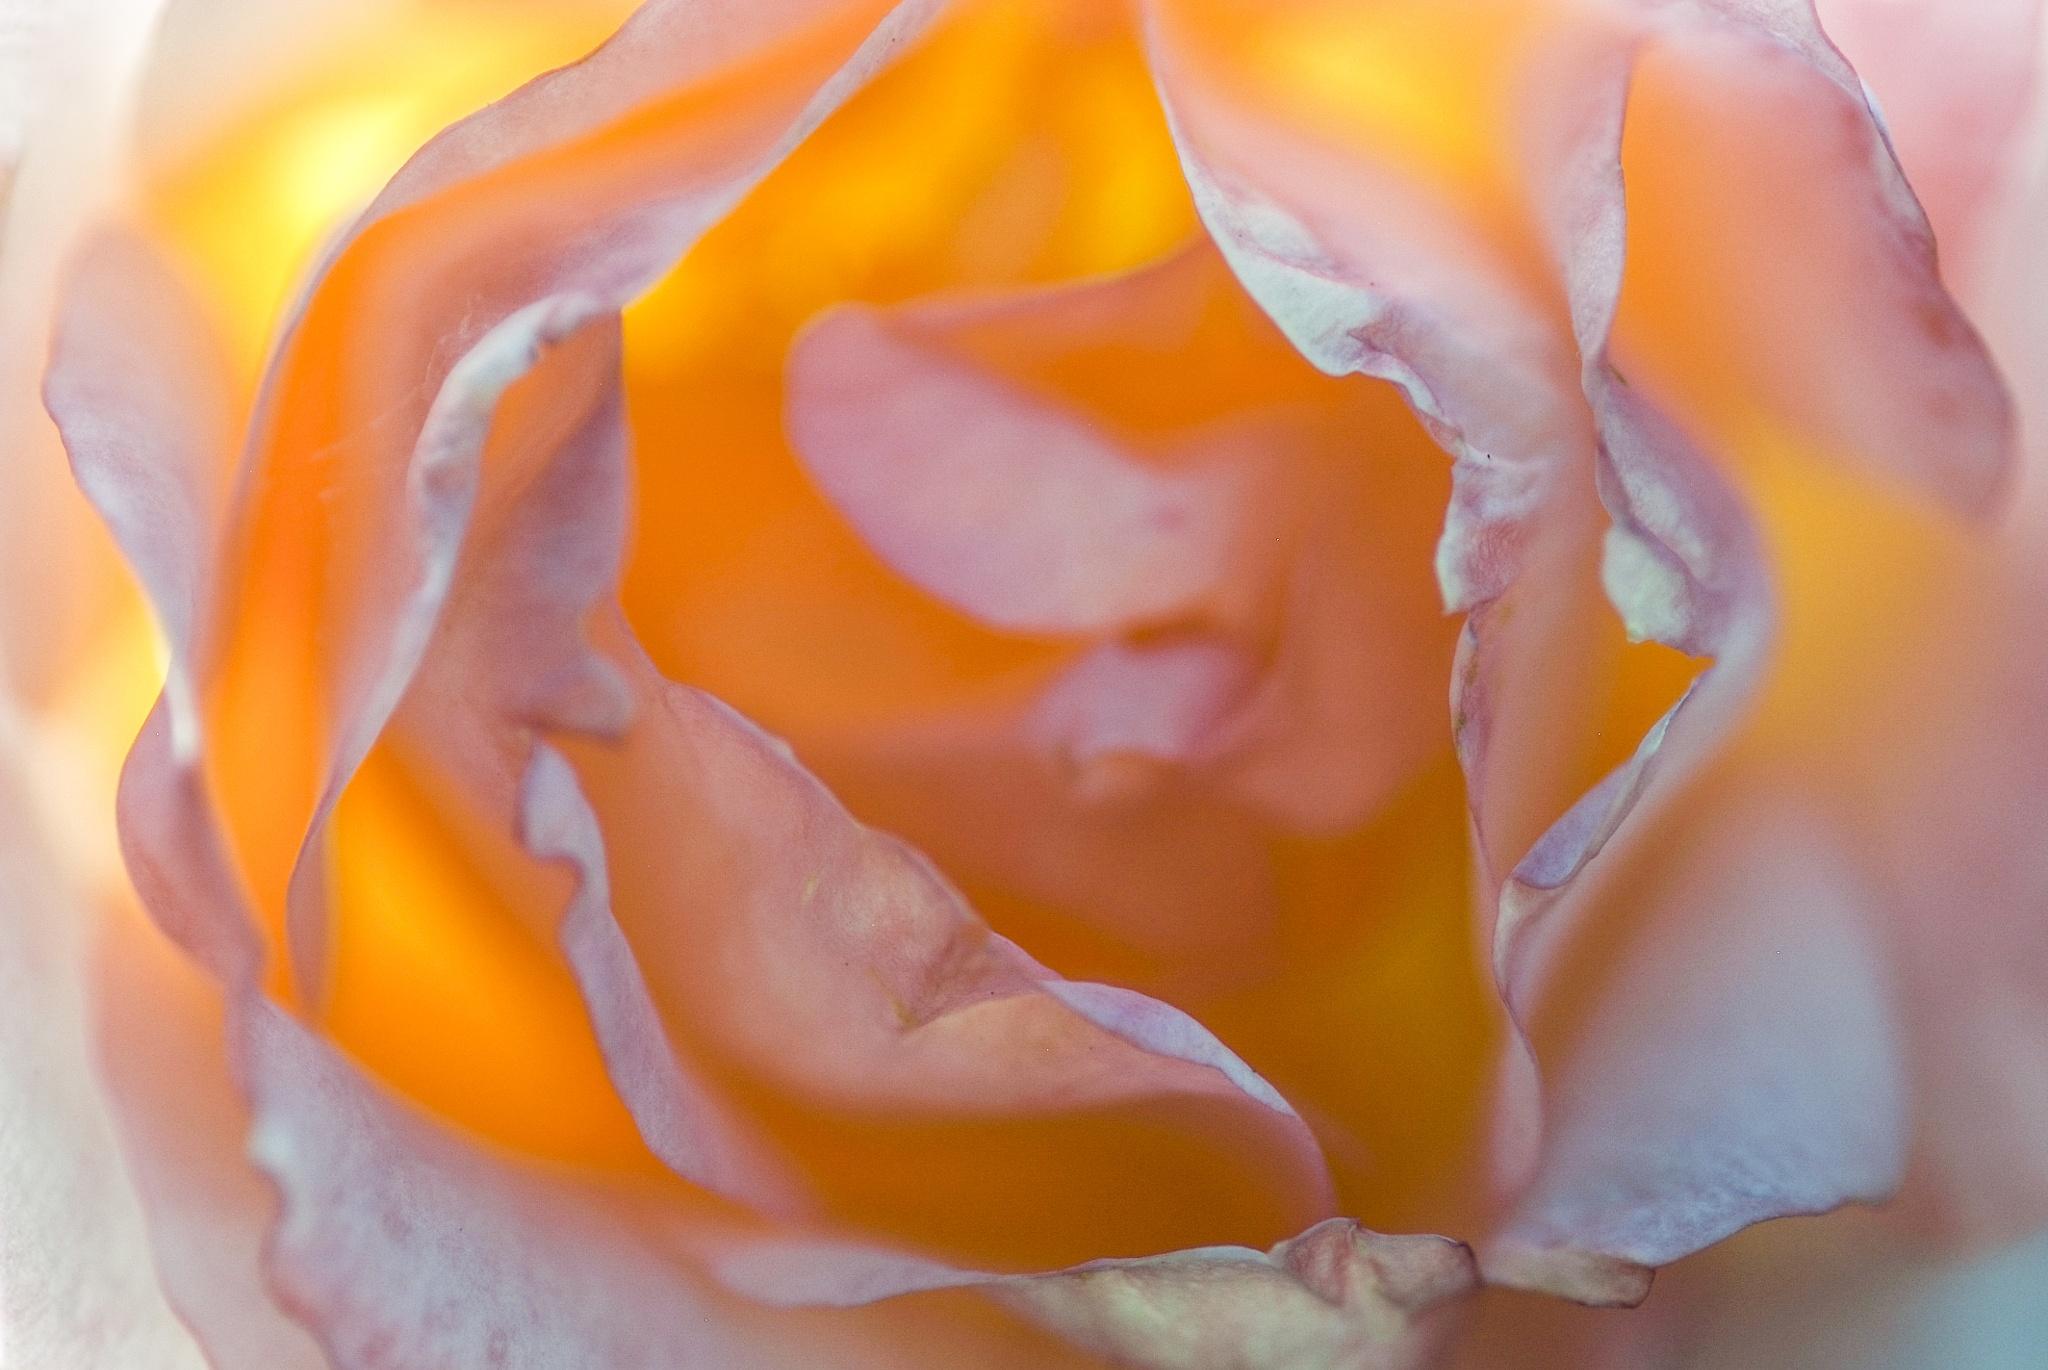 sunburst by sonny_roger_sonneland